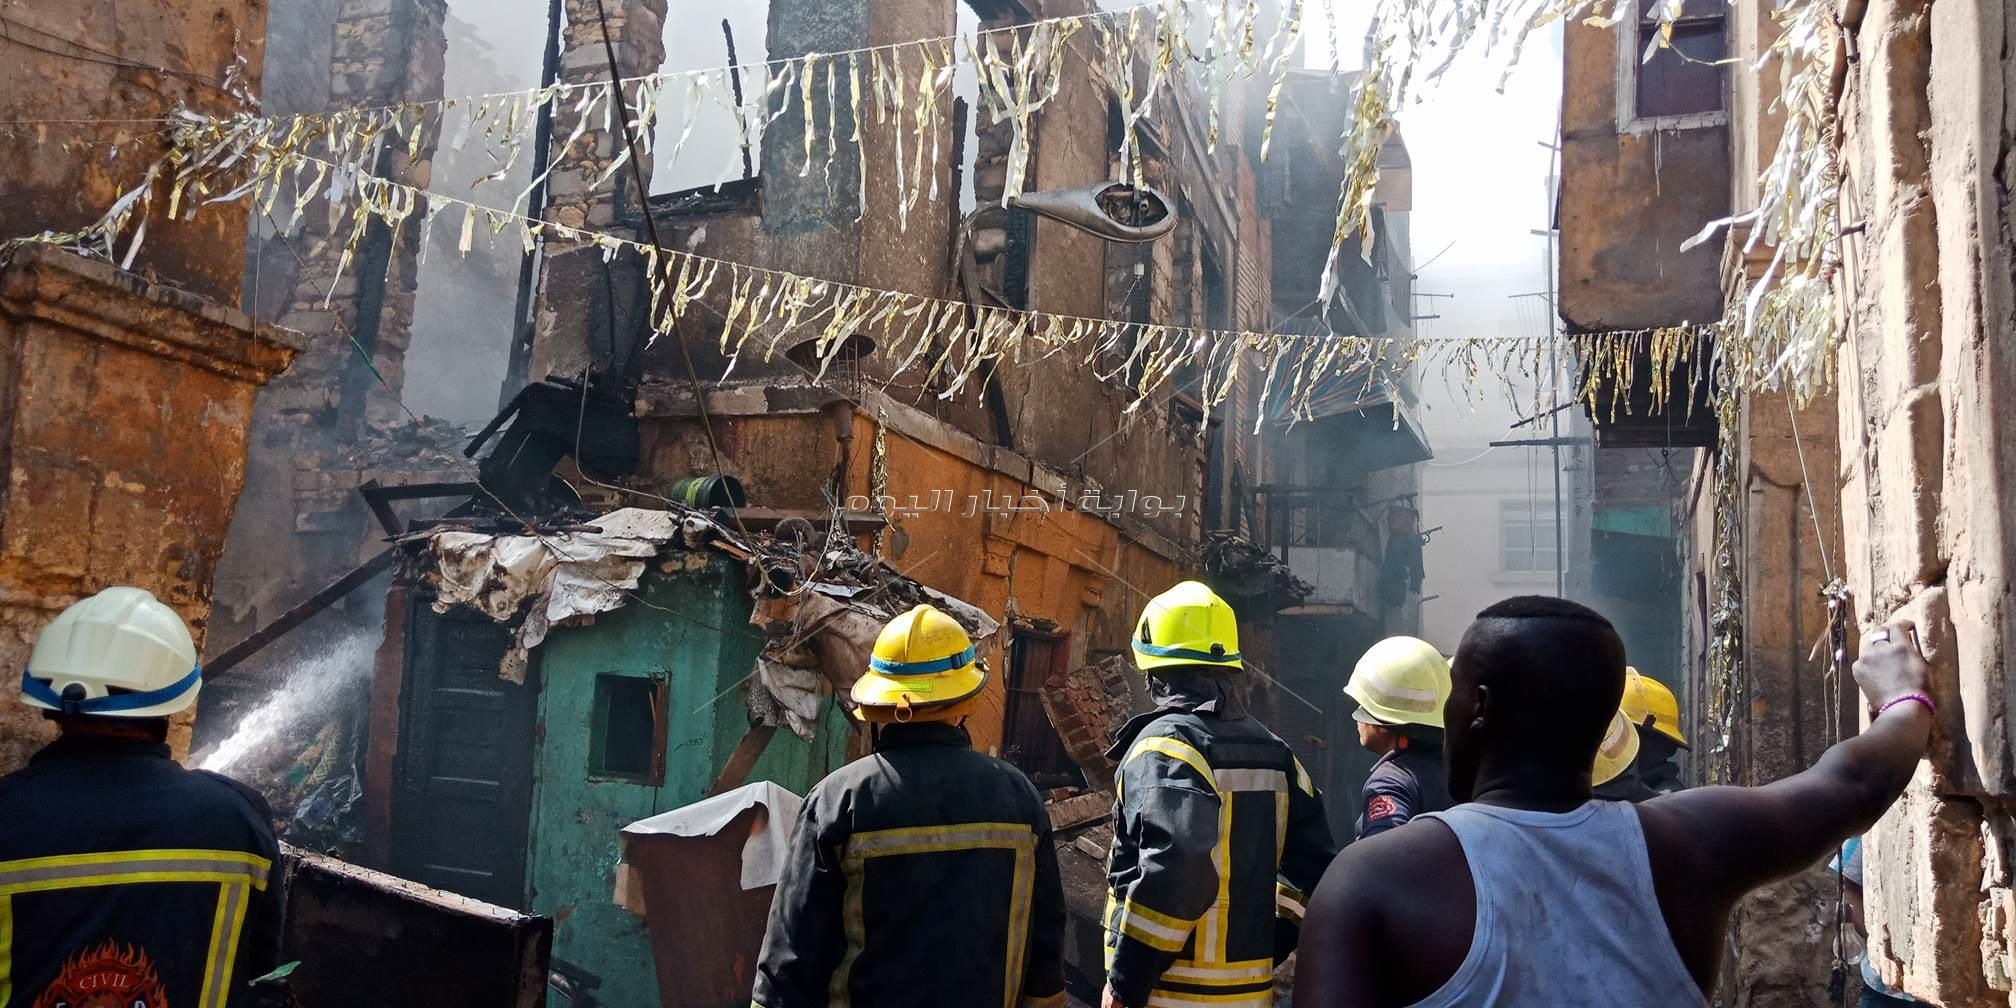 أخبار اليوم تشارك في «إطفاء حريق بولاق»